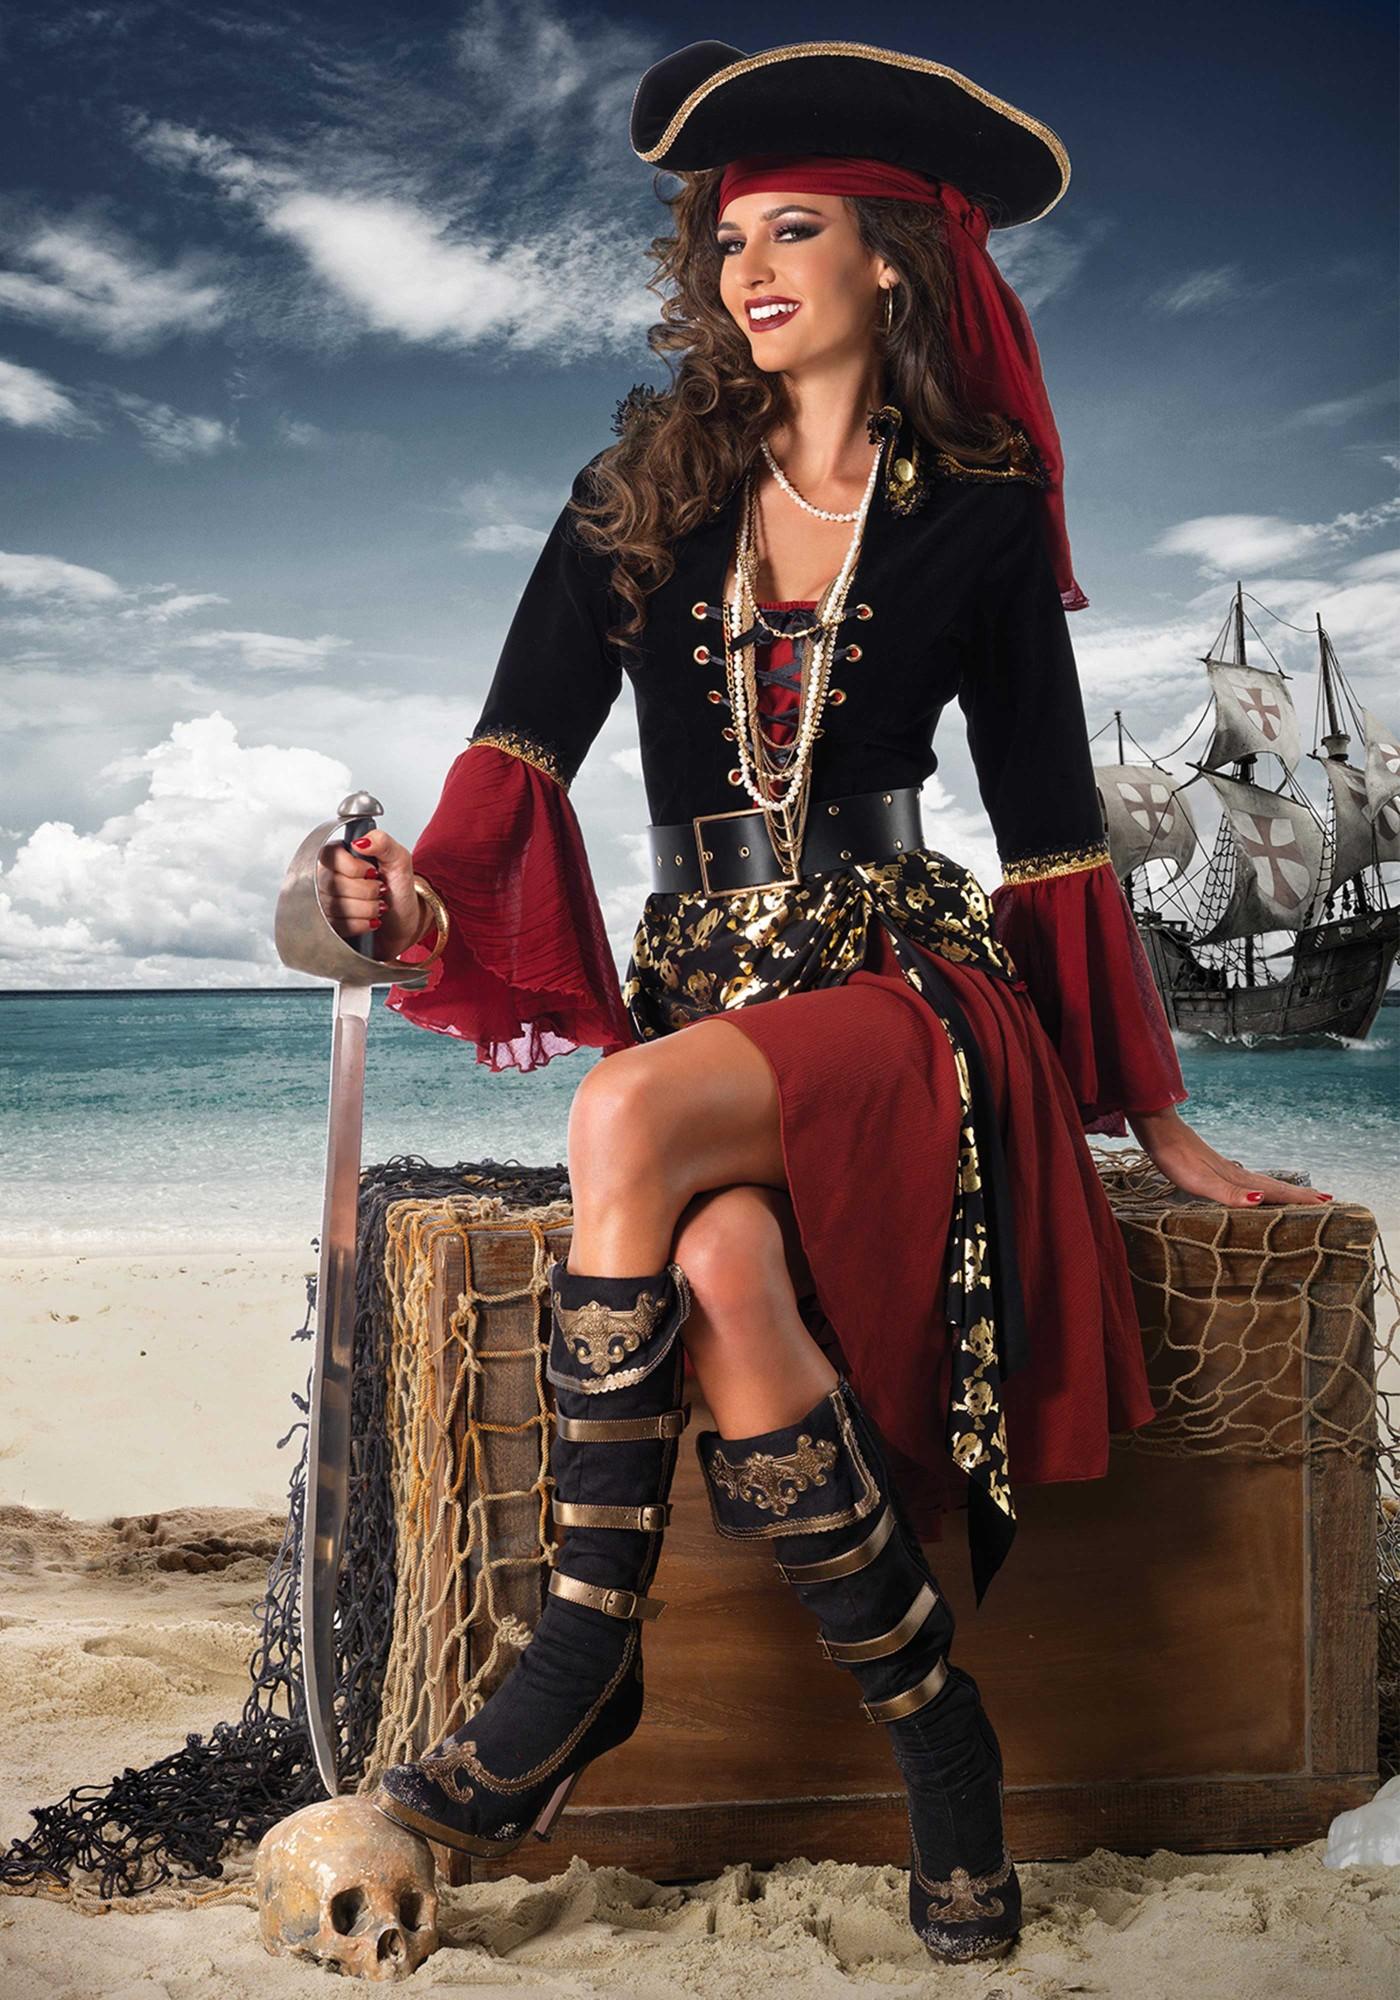 это фотосессия втроем в стиле пираты изображением черепа может